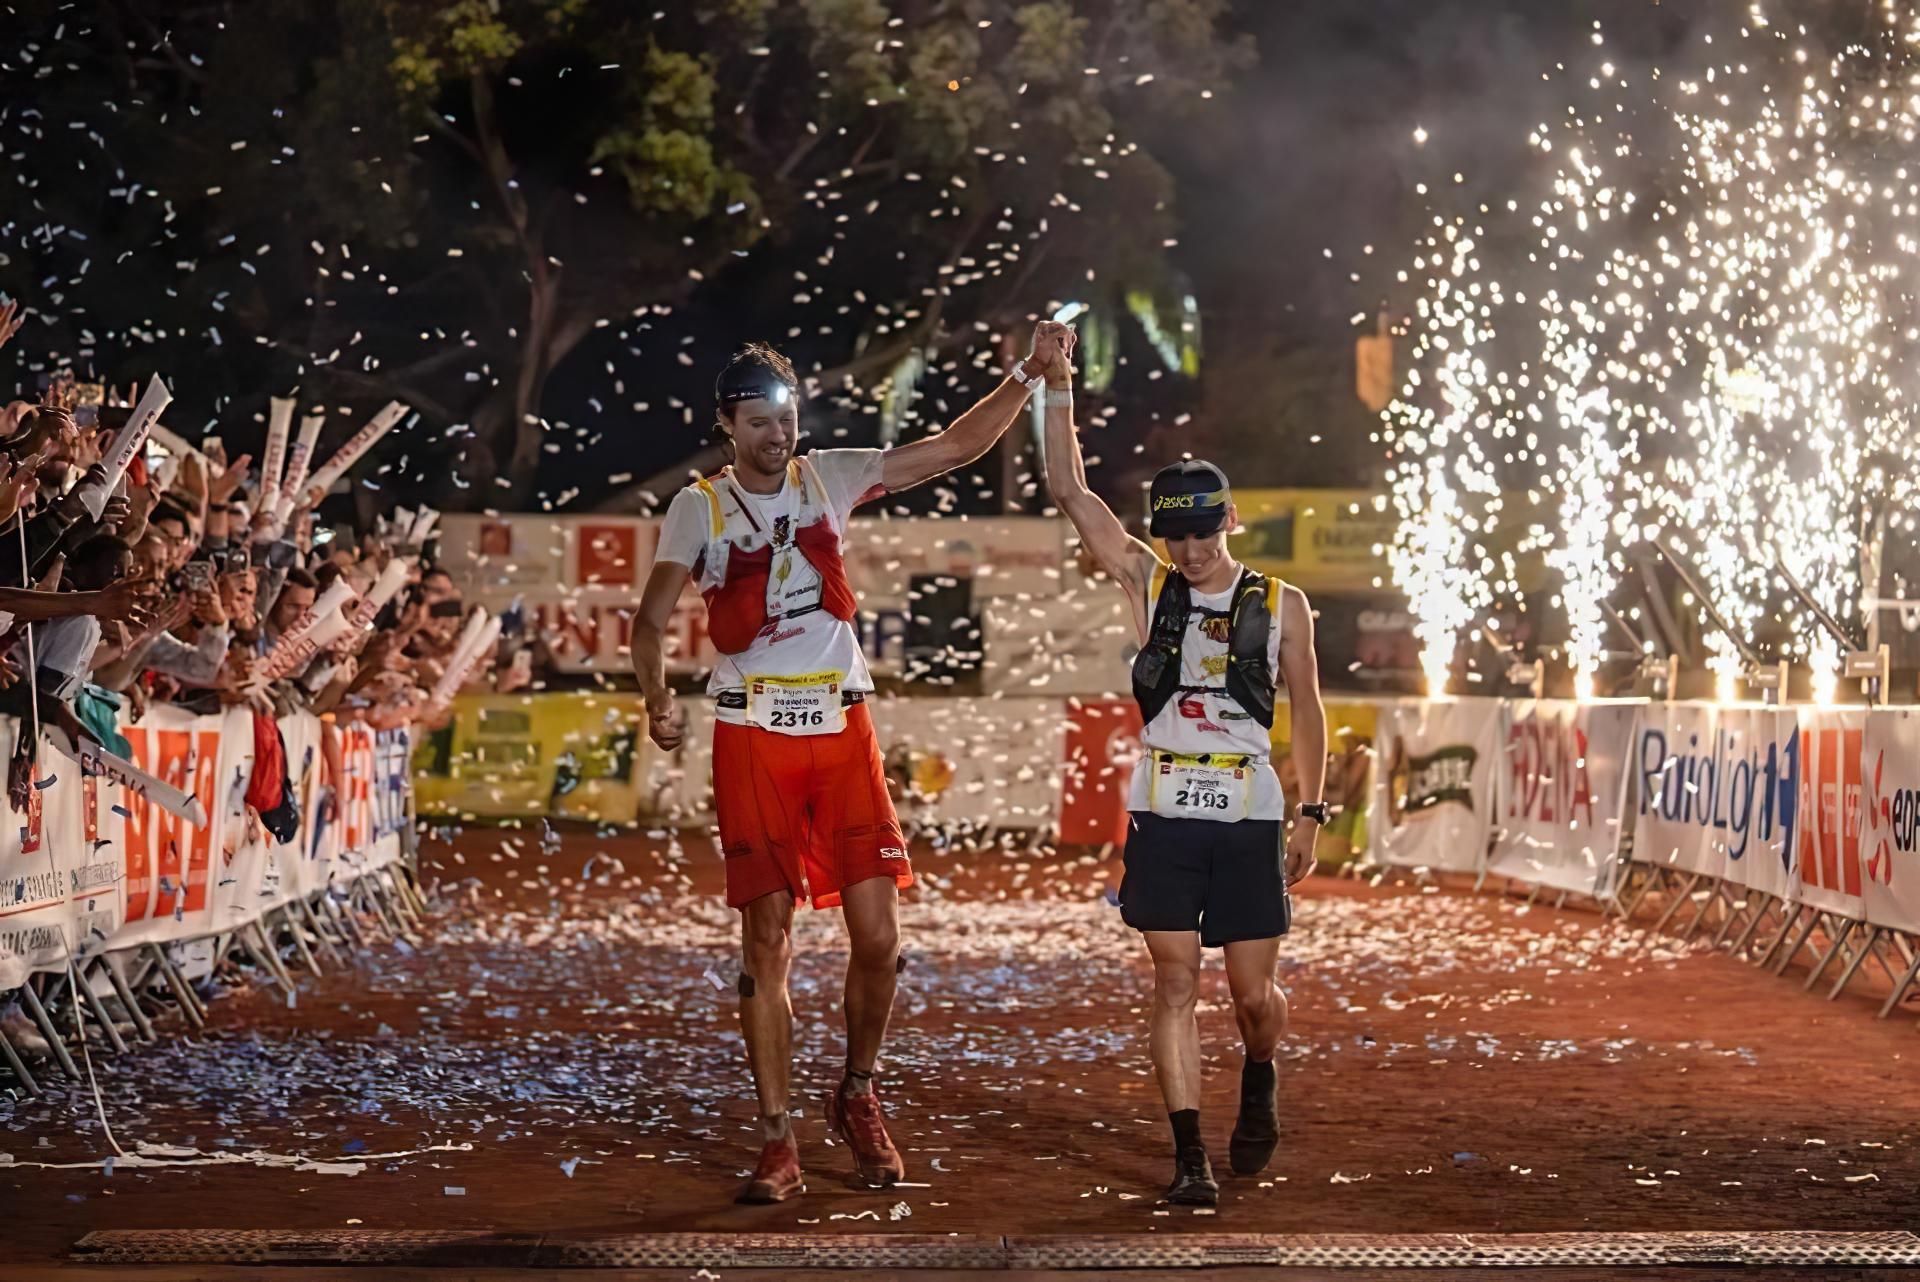 François d'Haene et Benoit Girondel vainqueurs du Grand Raid 2018